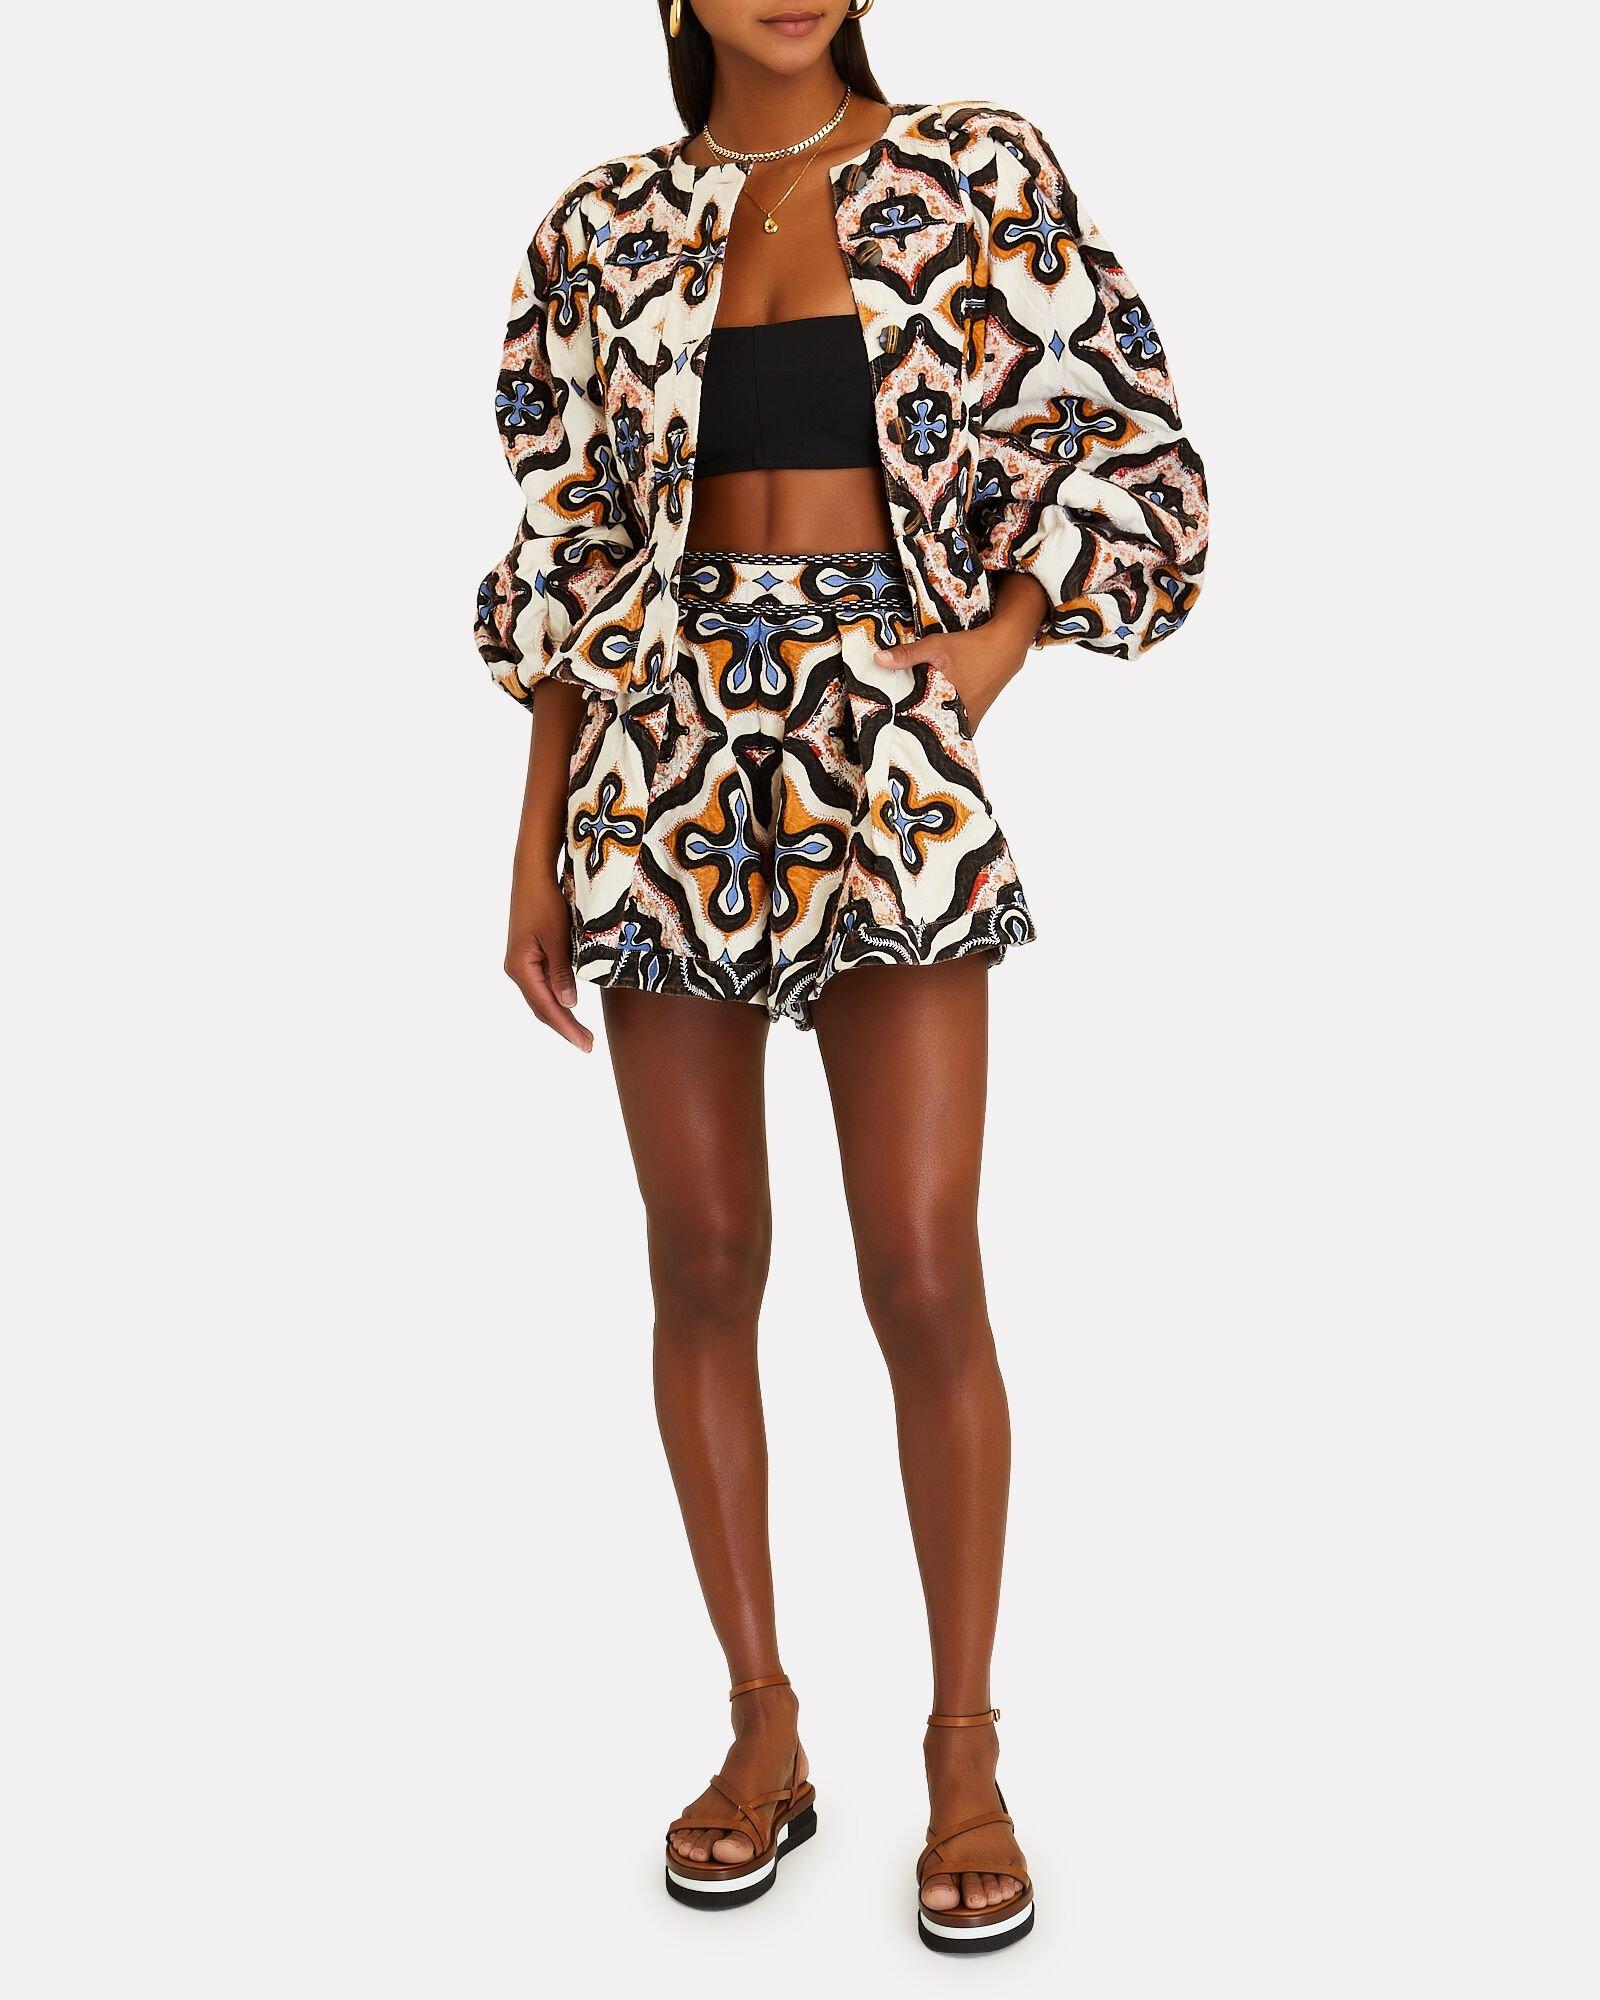 ULLA JOHNSON Tariq Printed Poplin Shorts $425